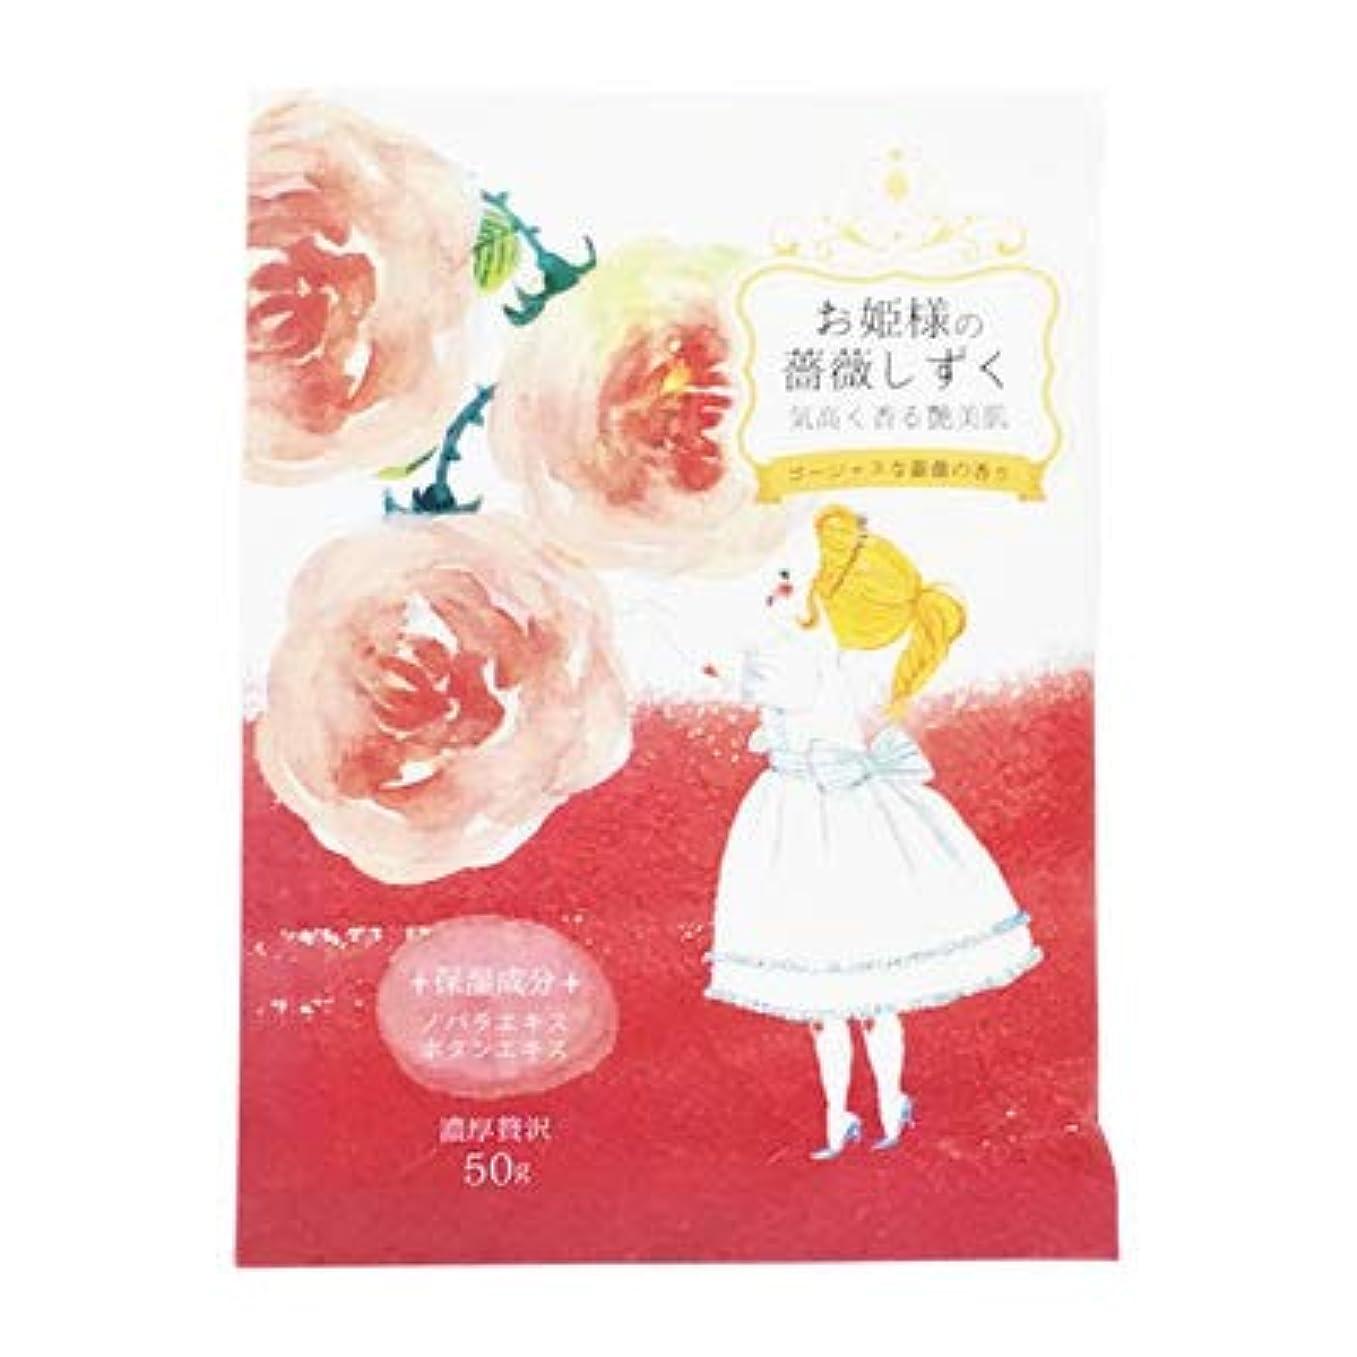 テンポサーフィンデュアル【まとめ買い6個セット】 お姫様風呂 薔薇しずく